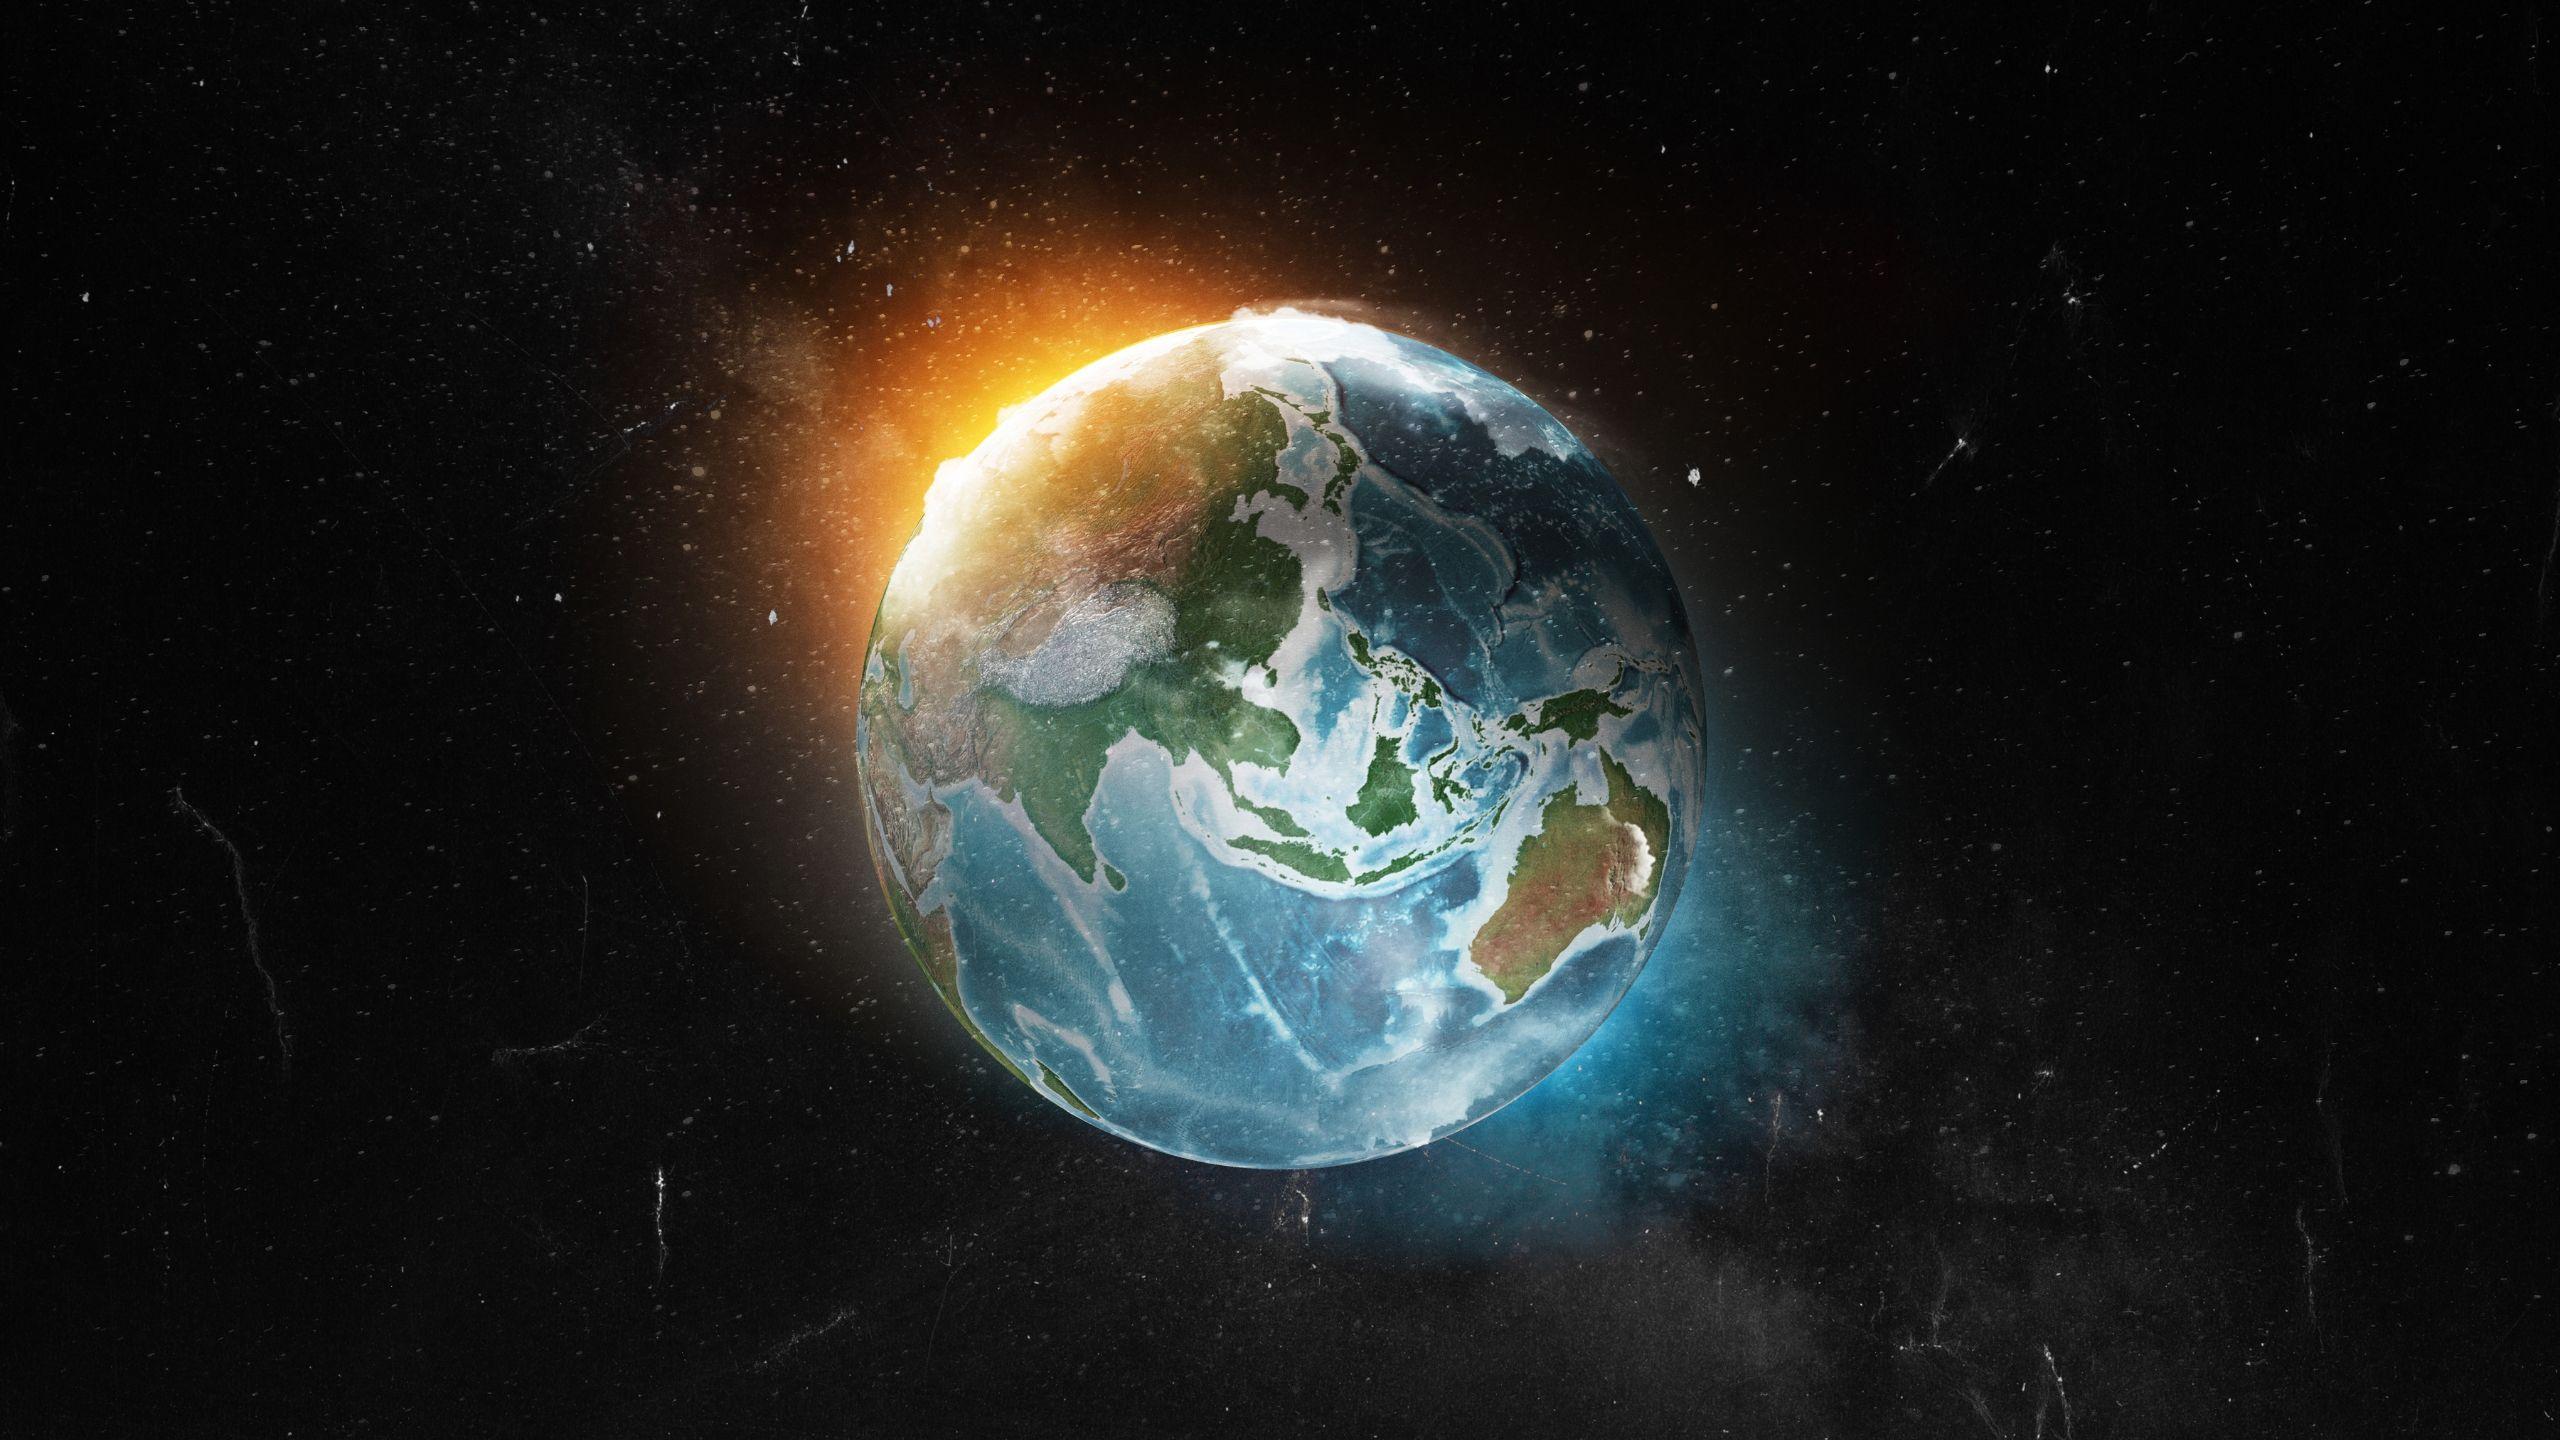 Earthlings 25601440 Hdwallpaper Wallpaper Image